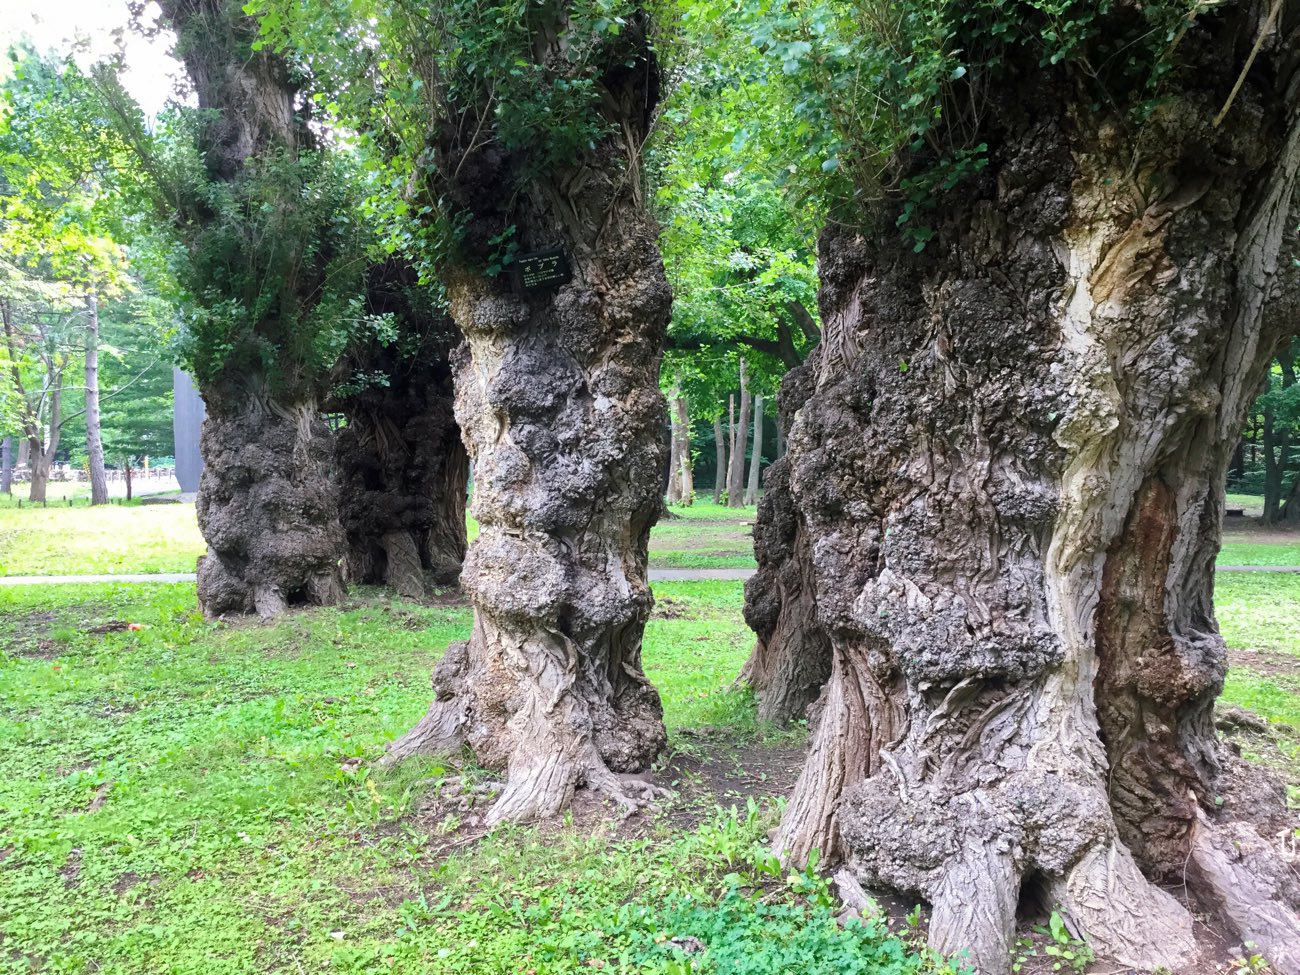 変わった感じのポプラの木